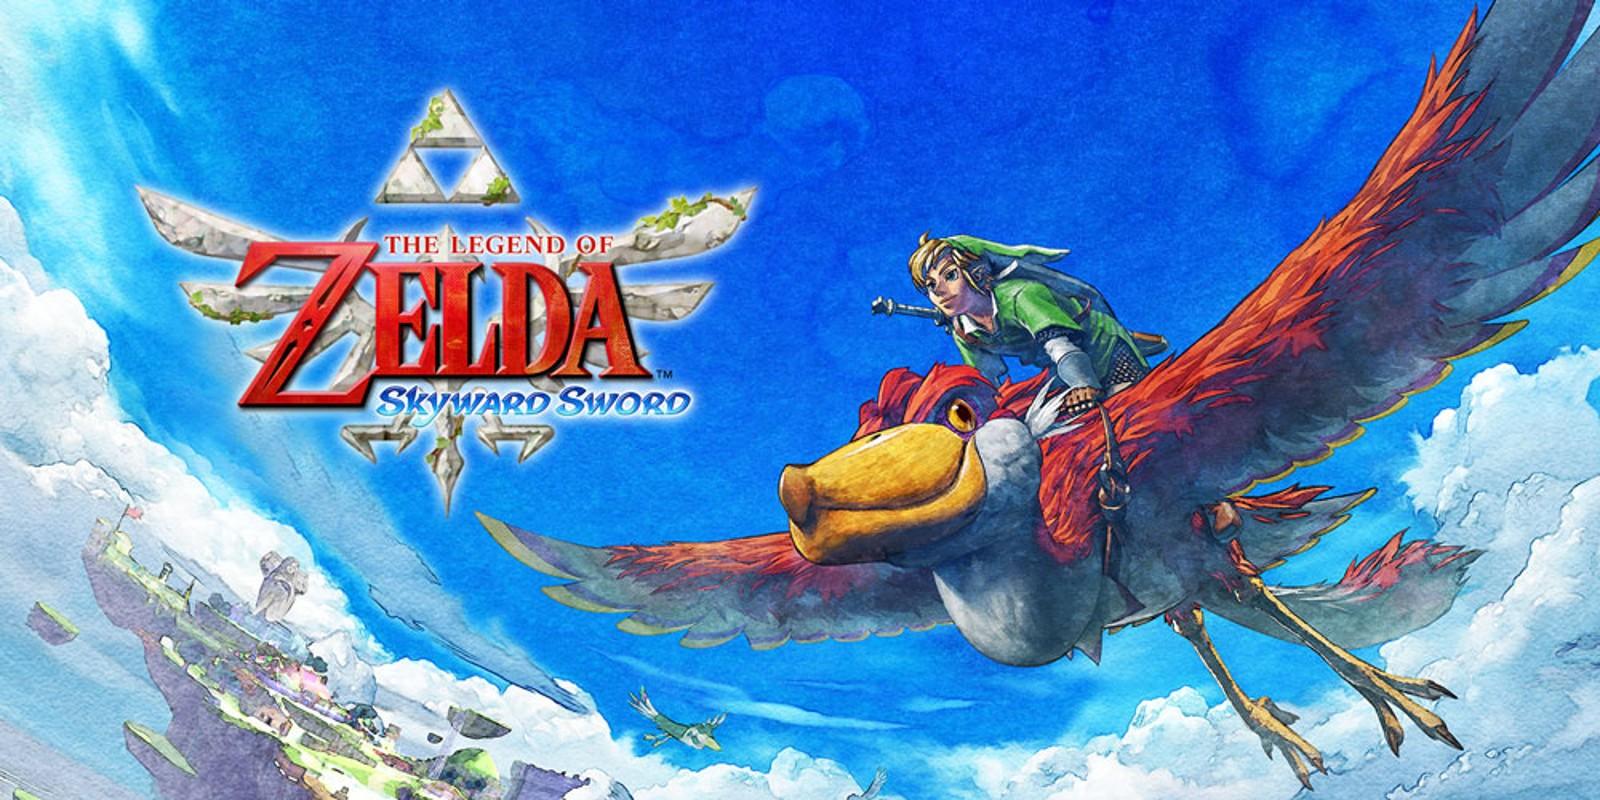 Zelda Iphone Wallpaper The Legend Of Zelda Skyward Sword Wii Jeux Nintendo